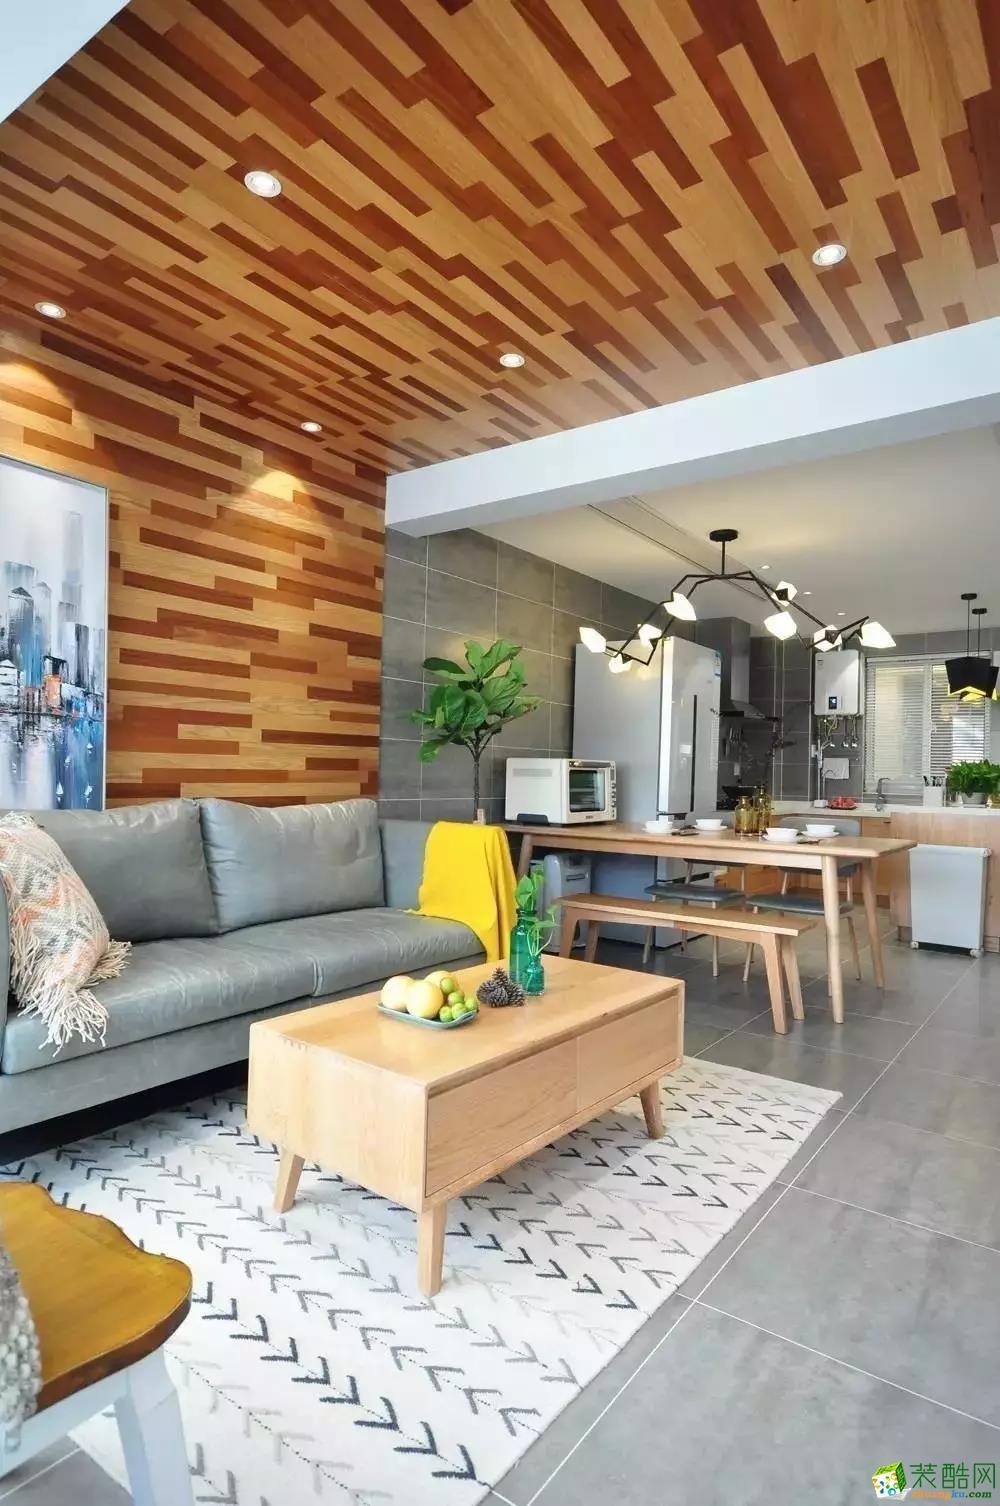 85㎡美酷小空间,地板上墙还上天